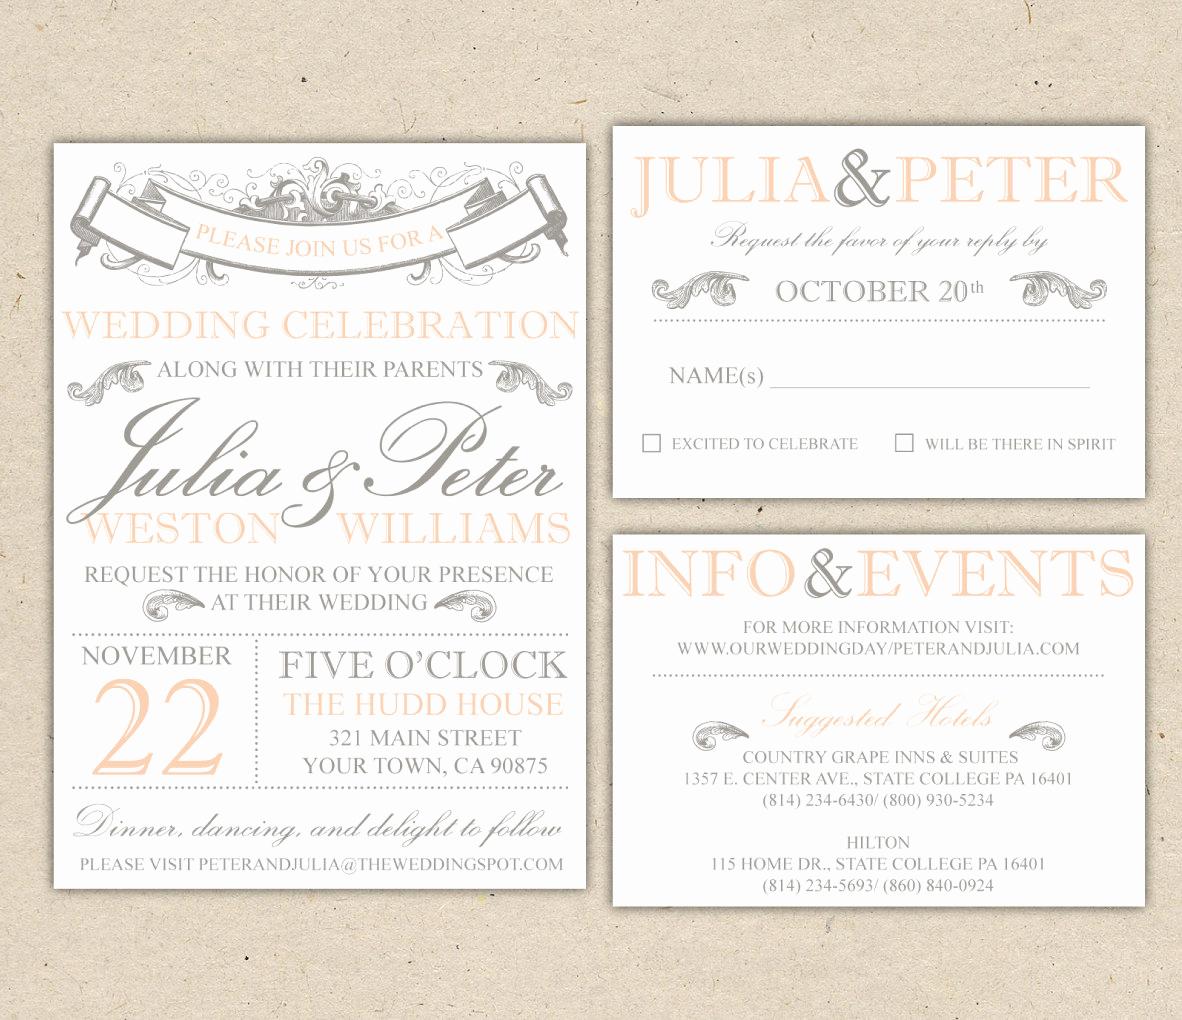 Rustic Wedding Invitation Templates Unique Rustic Wedding Invitation Template Vintage Modern Printable